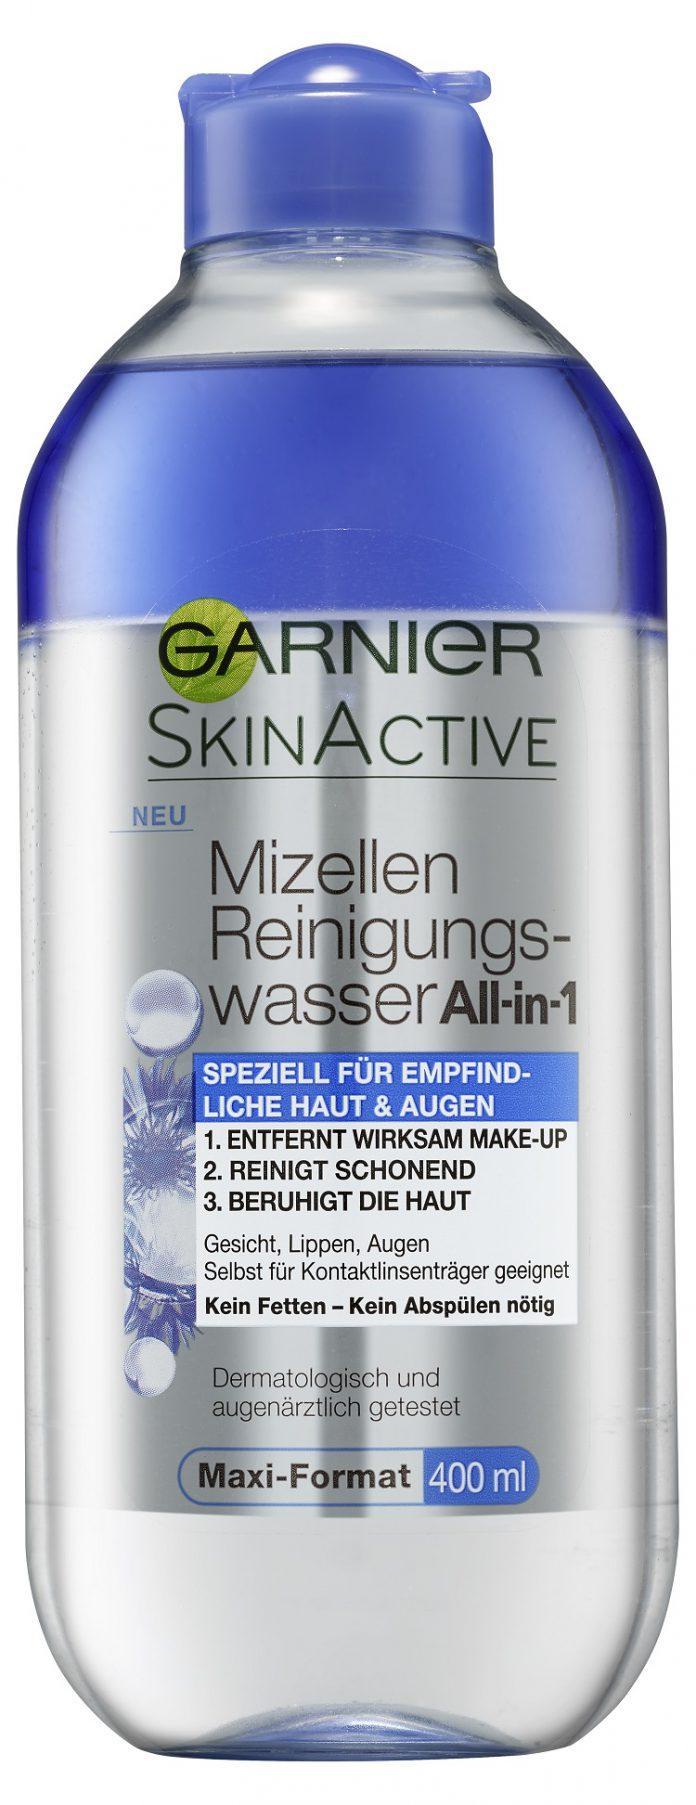 Garnier Mizellen Reinigungswasser All-in-1 Speziell für empfindliche Haut & Augen